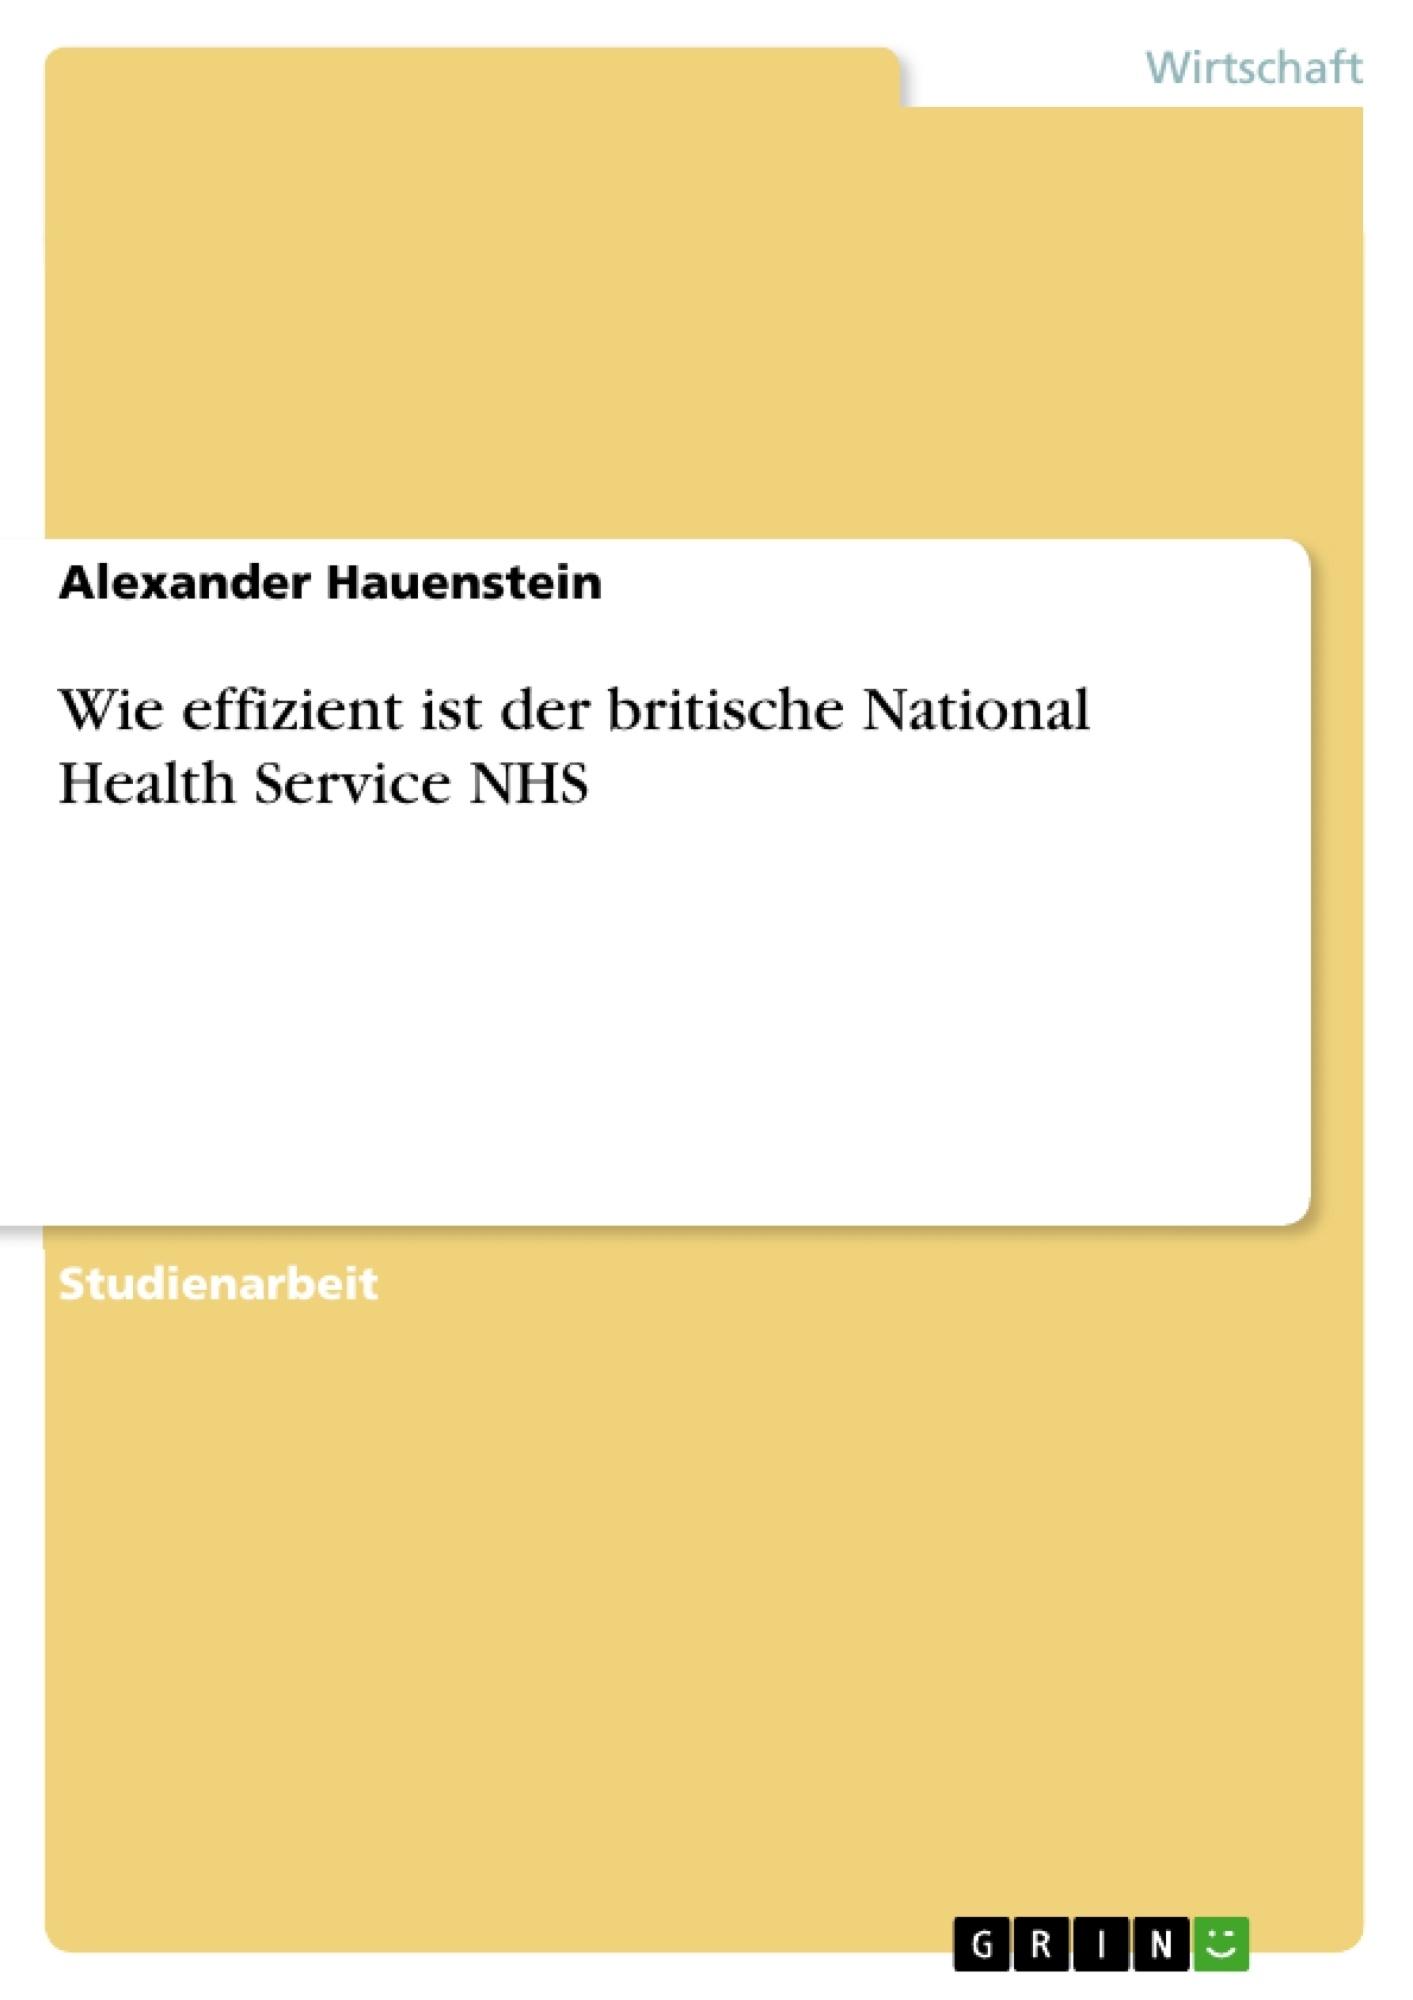 Titel: Wie effizient ist der britische National Health Service NHS